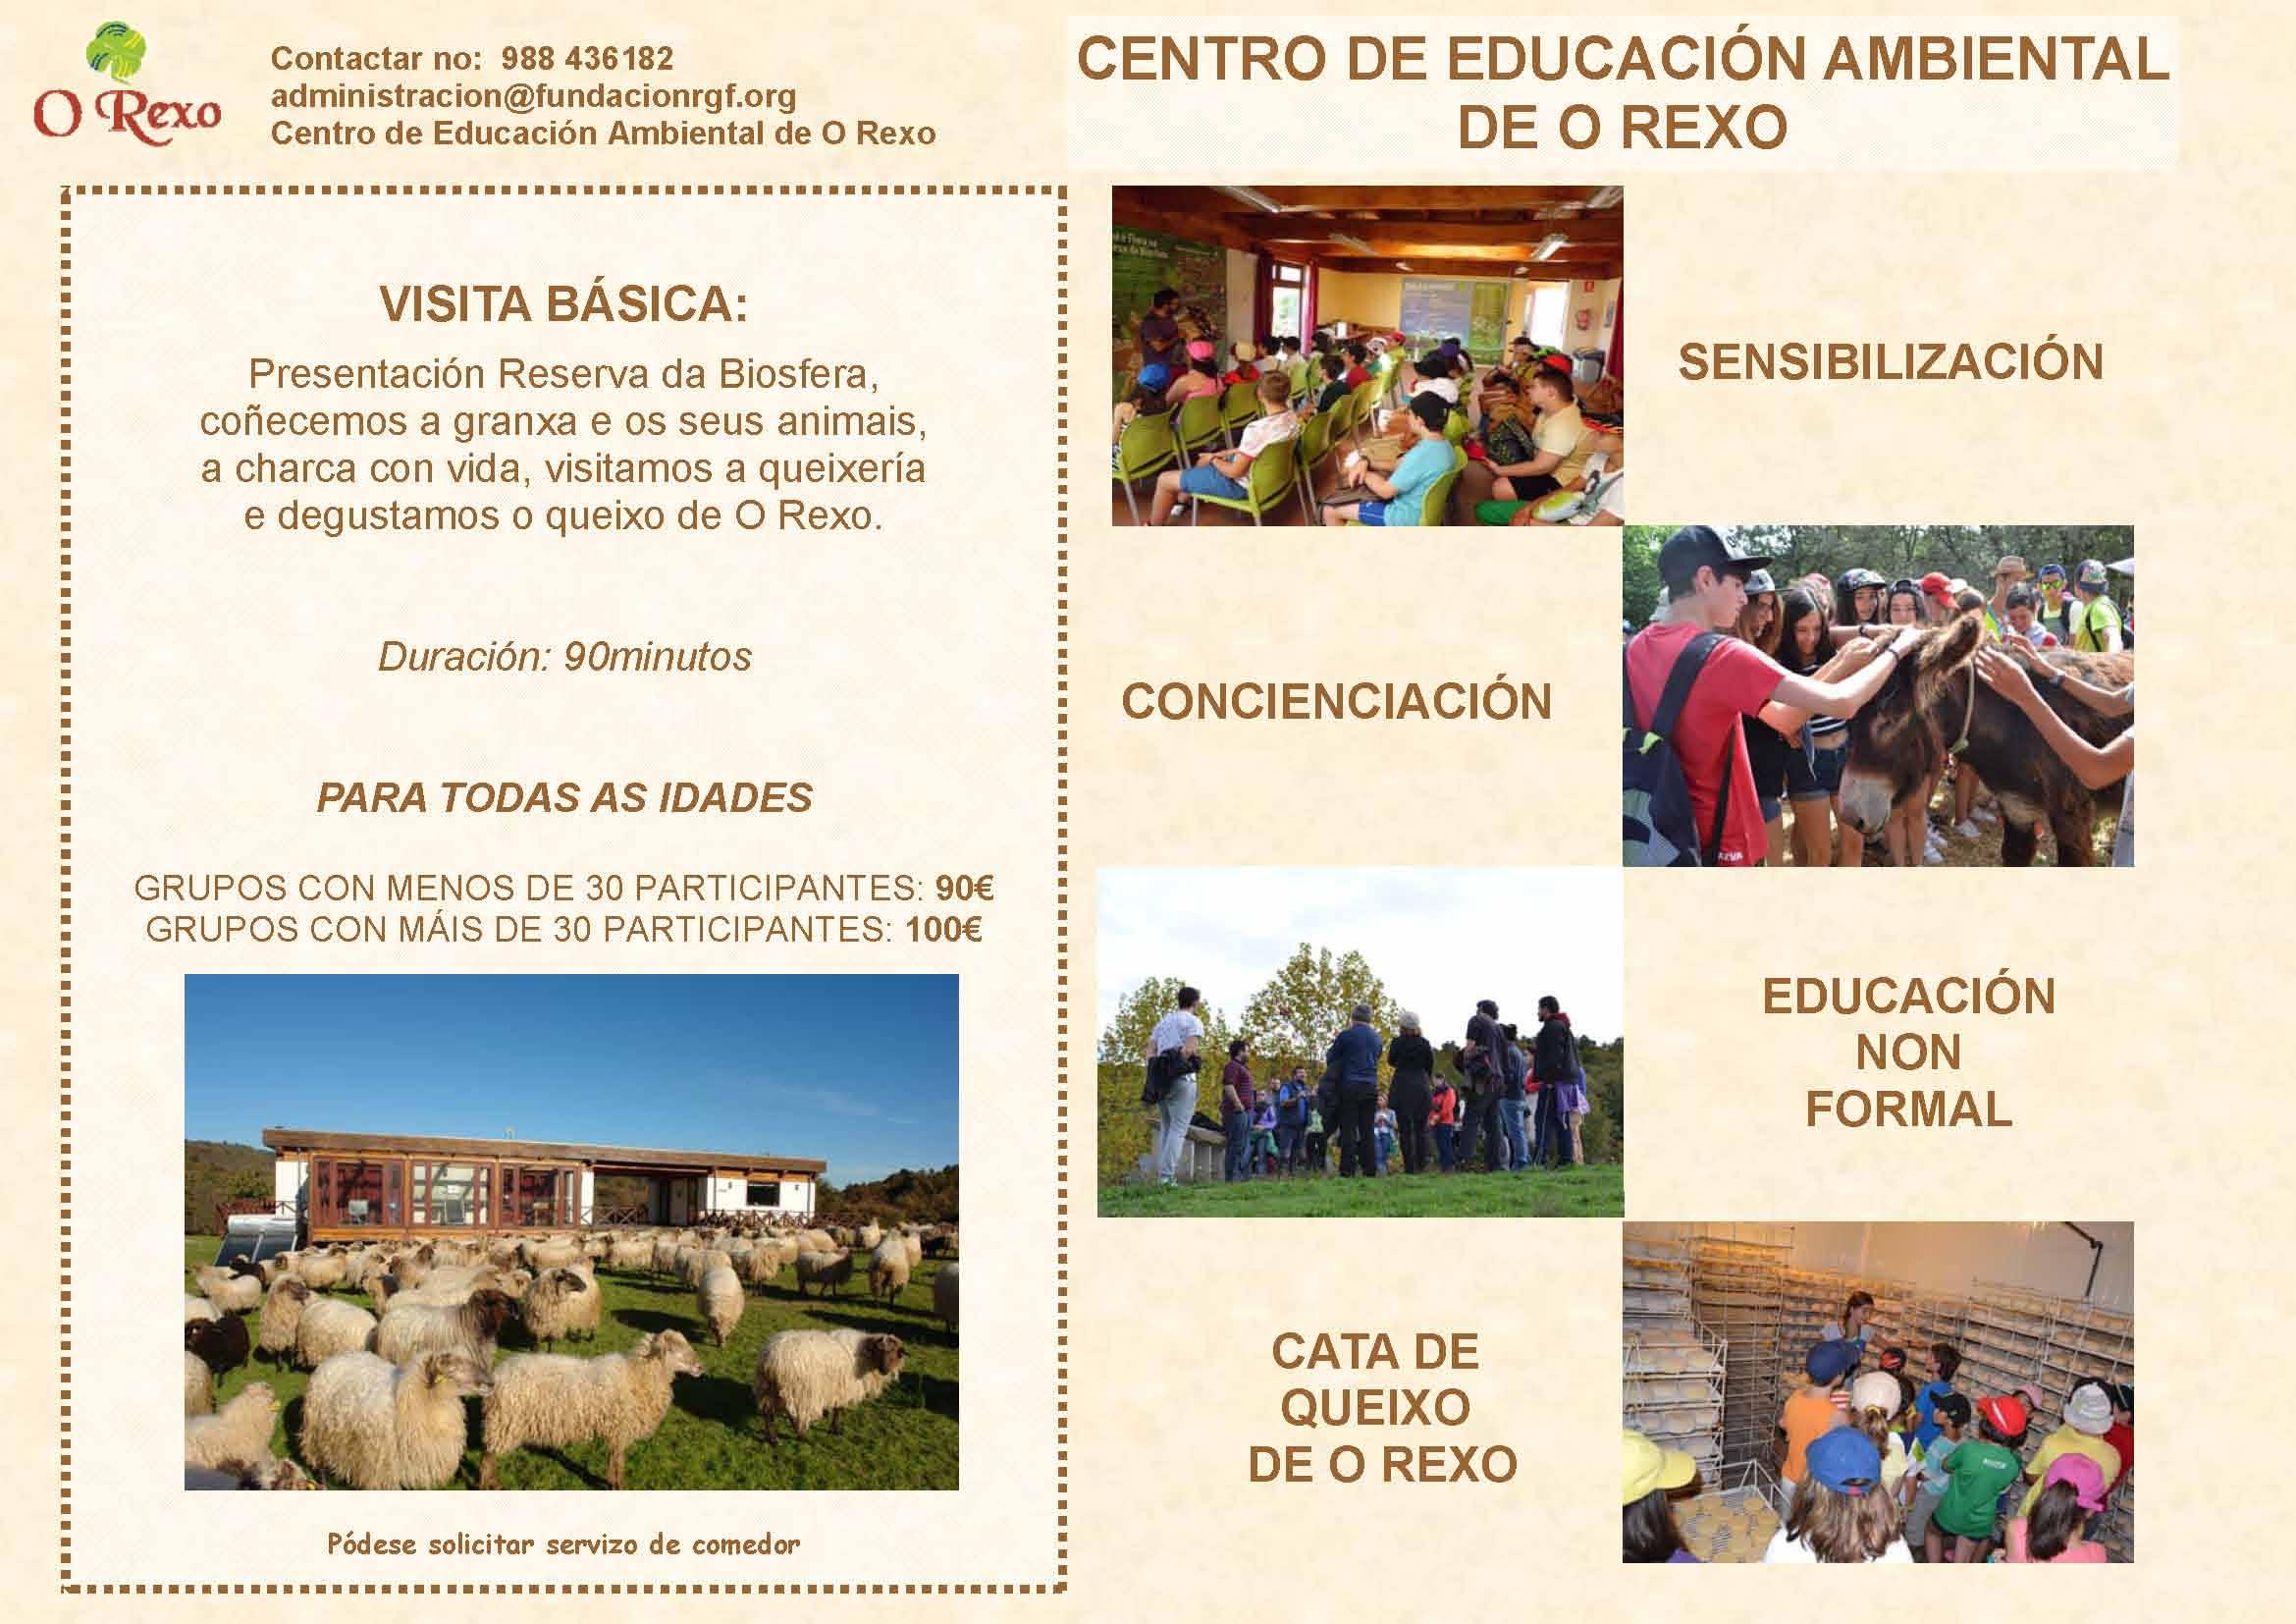 Programa Grupos e Colexios Visita básica 2017Programa Grupos e Colexios Visita básica 2017